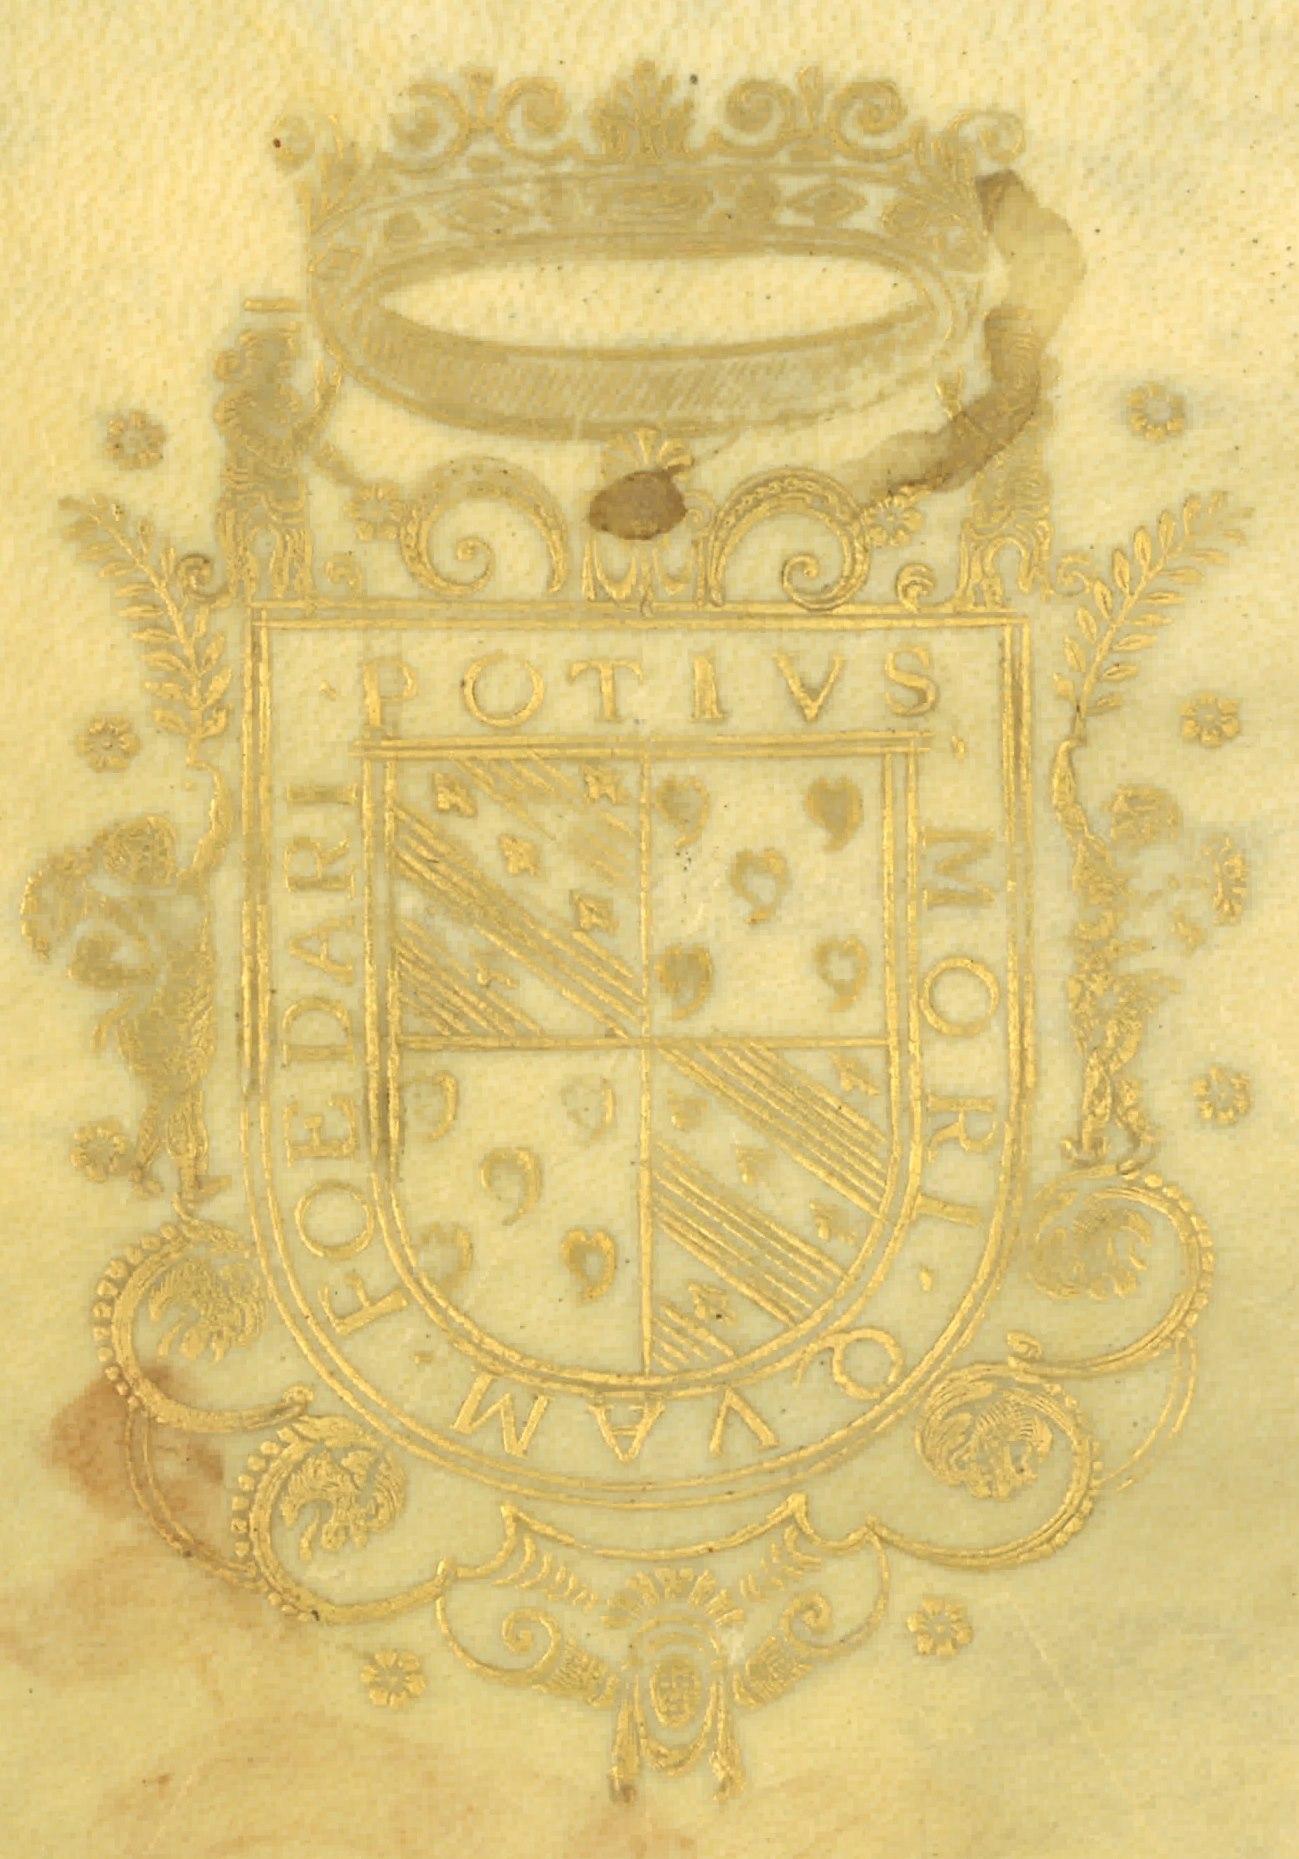 """Supralibros heráldico con el escudo de armas de Íñigo Vélez de Guevara y Tassis, V marqués de Oñate: cuartelado: 1º y 4º de oro, con tres bandas de plata cargadas de armiños de sable ; 2º y 3º de gules, con cinco panelas de plata puestas en cruz; bordura, con el lema: """"Potius mori quam foedari"""""""